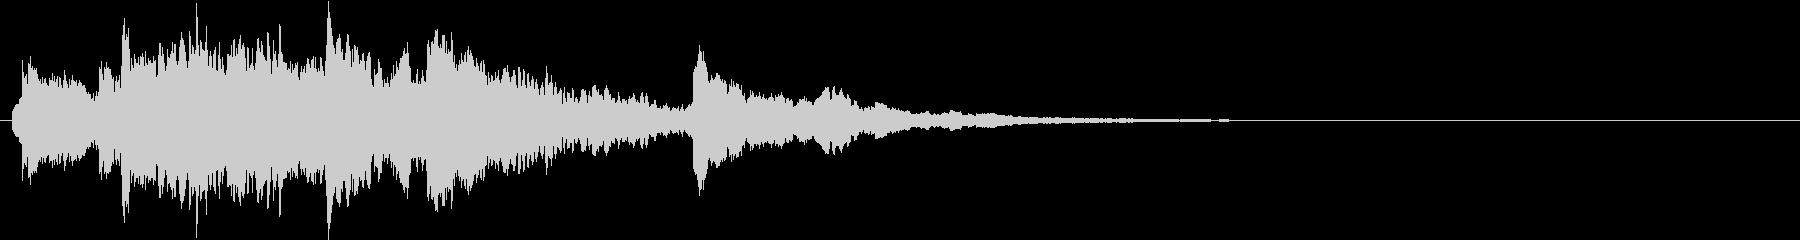 キラキラキラ…(銀世界、結晶、冷たい)の未再生の波形